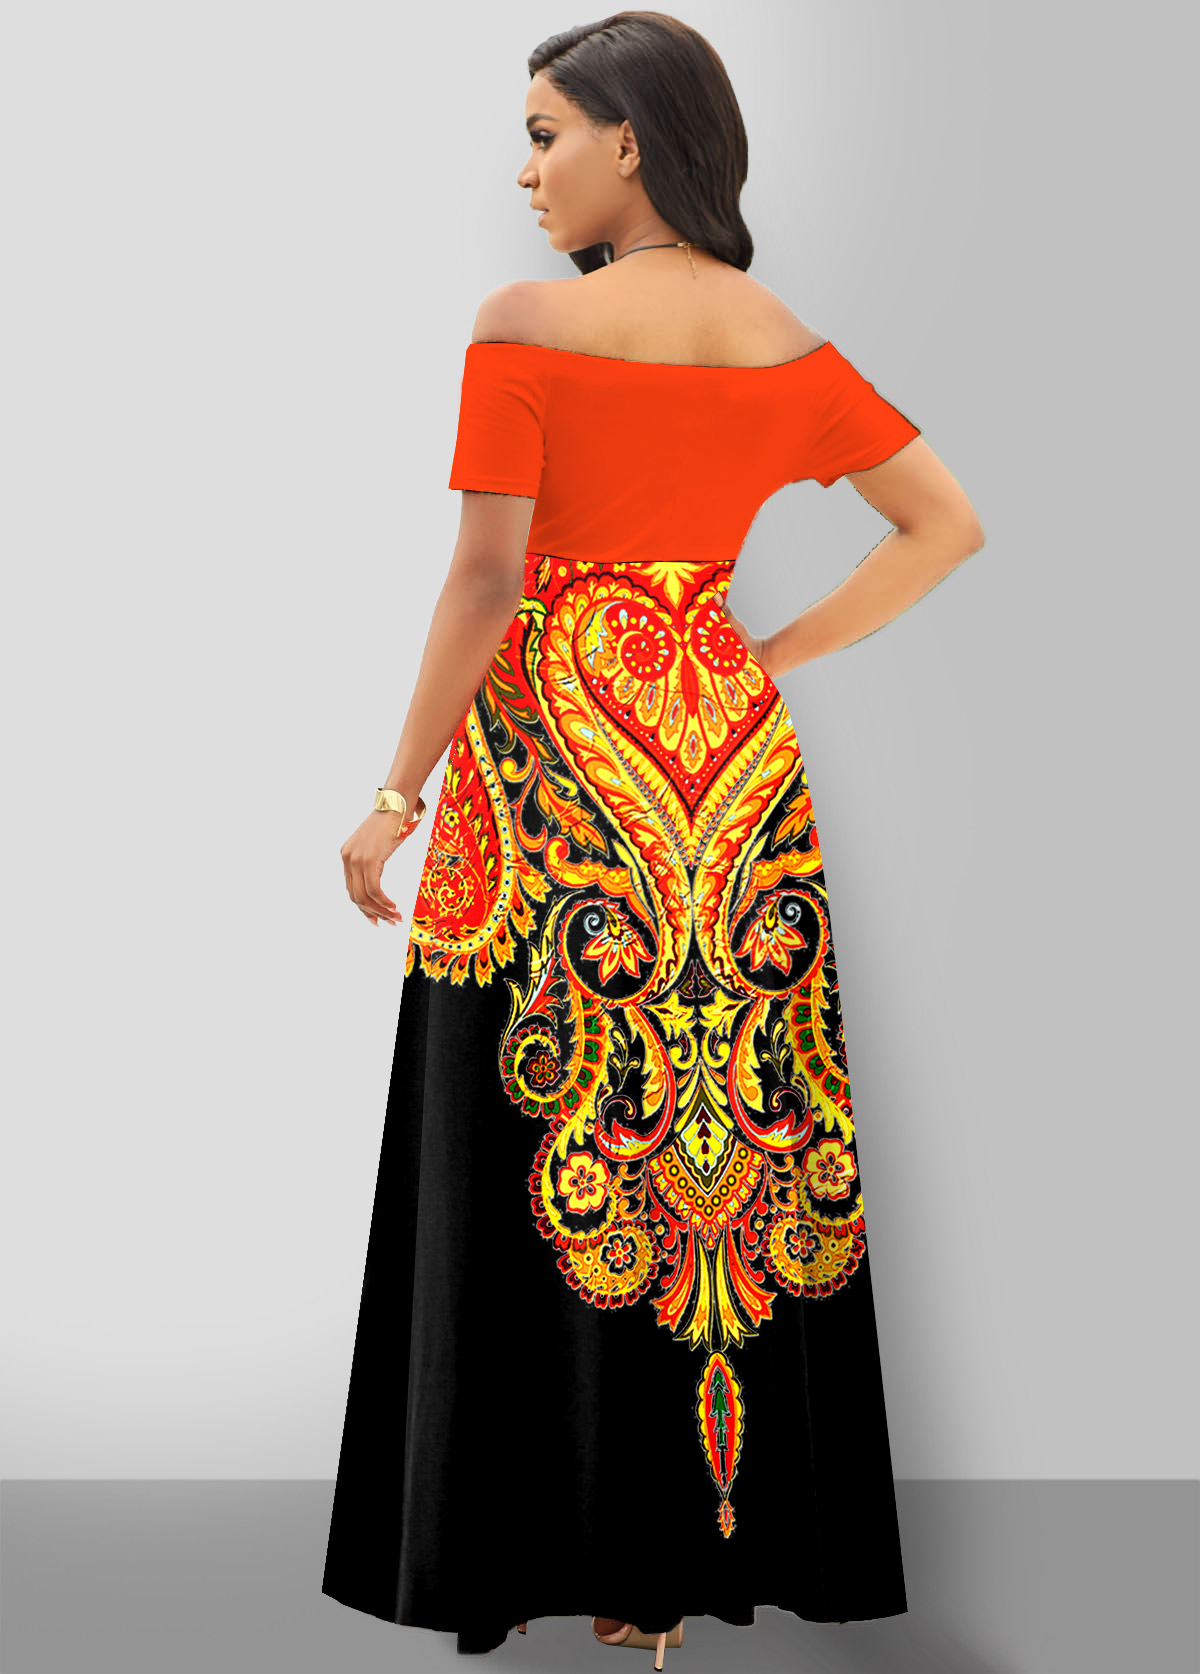 Off Shoulder Short Sleeve Tribal Print Dress